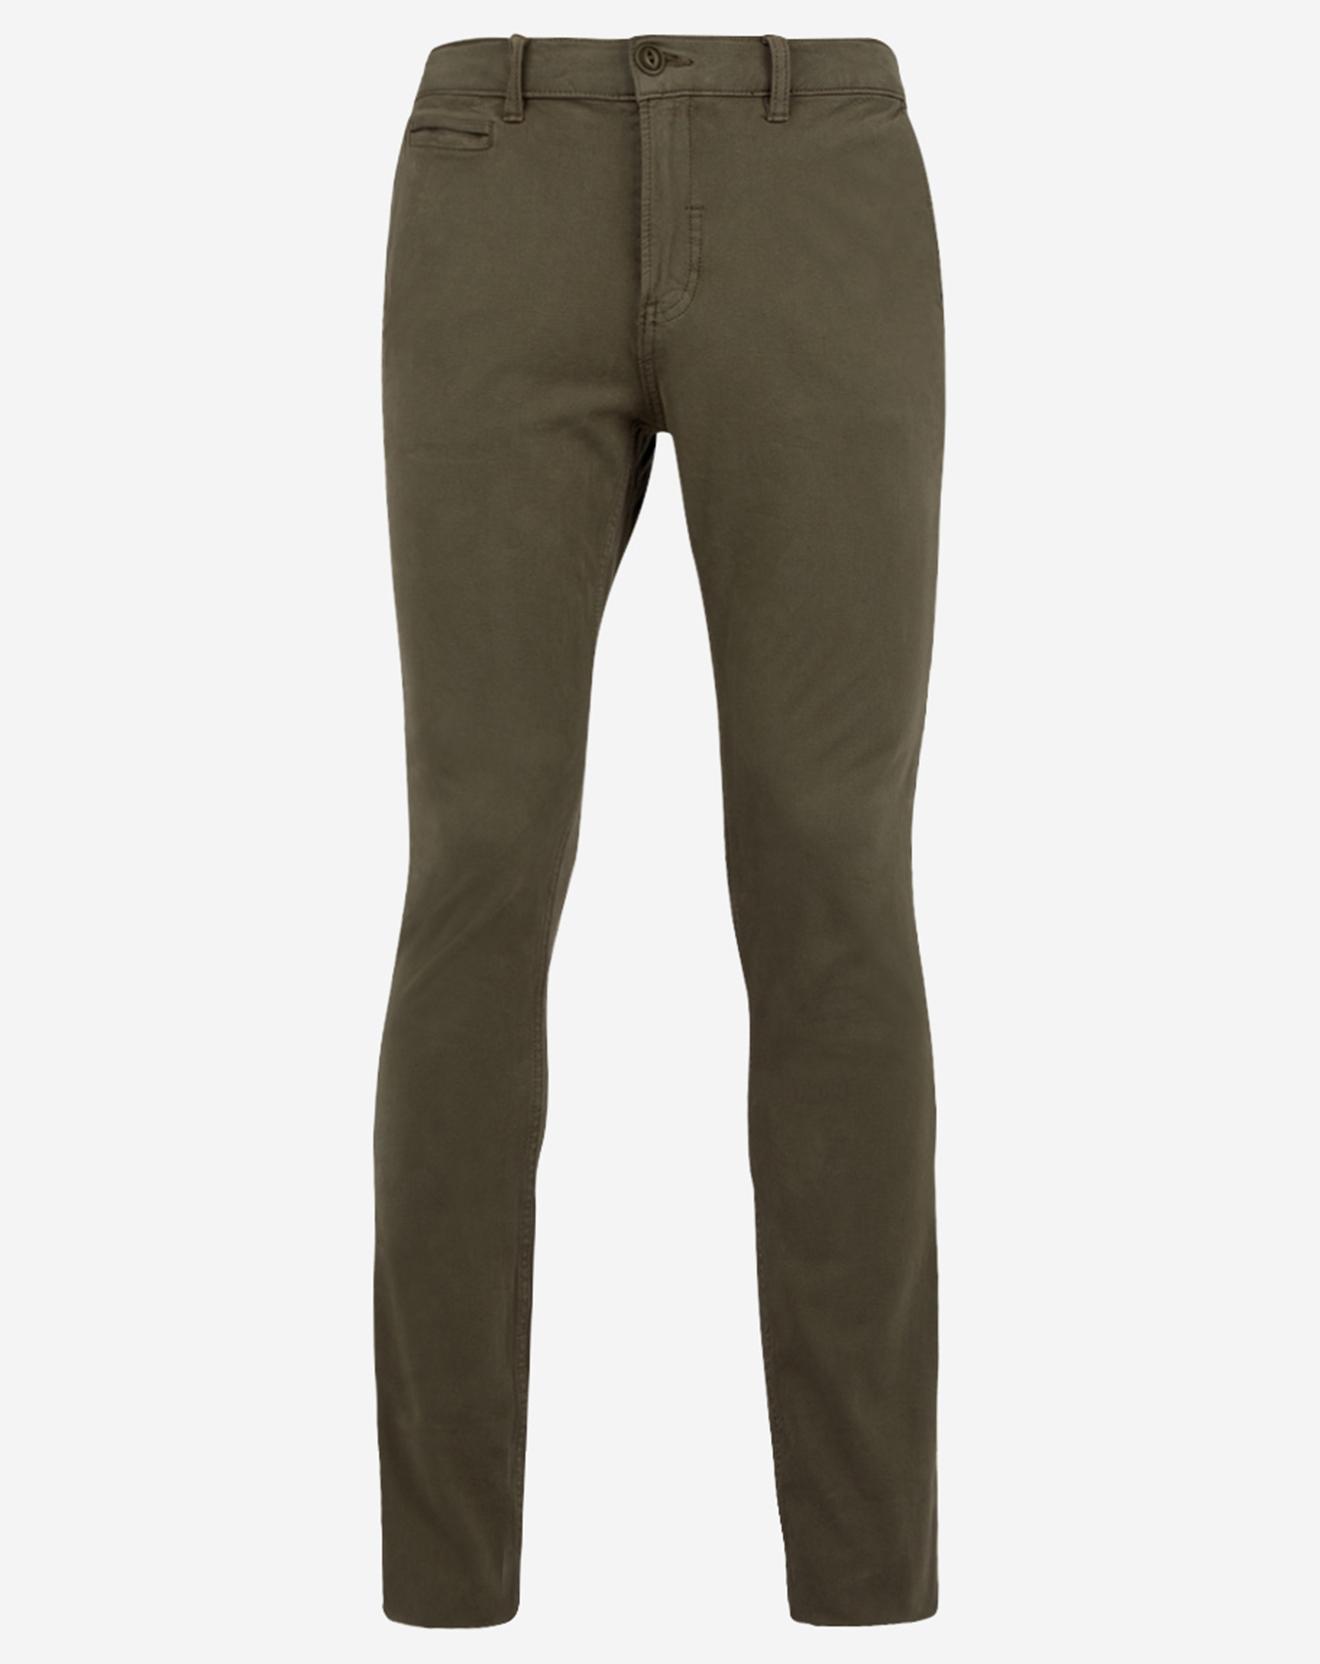 Pantalon chino Slim Krandi kaki - Quiksilver - Modalova